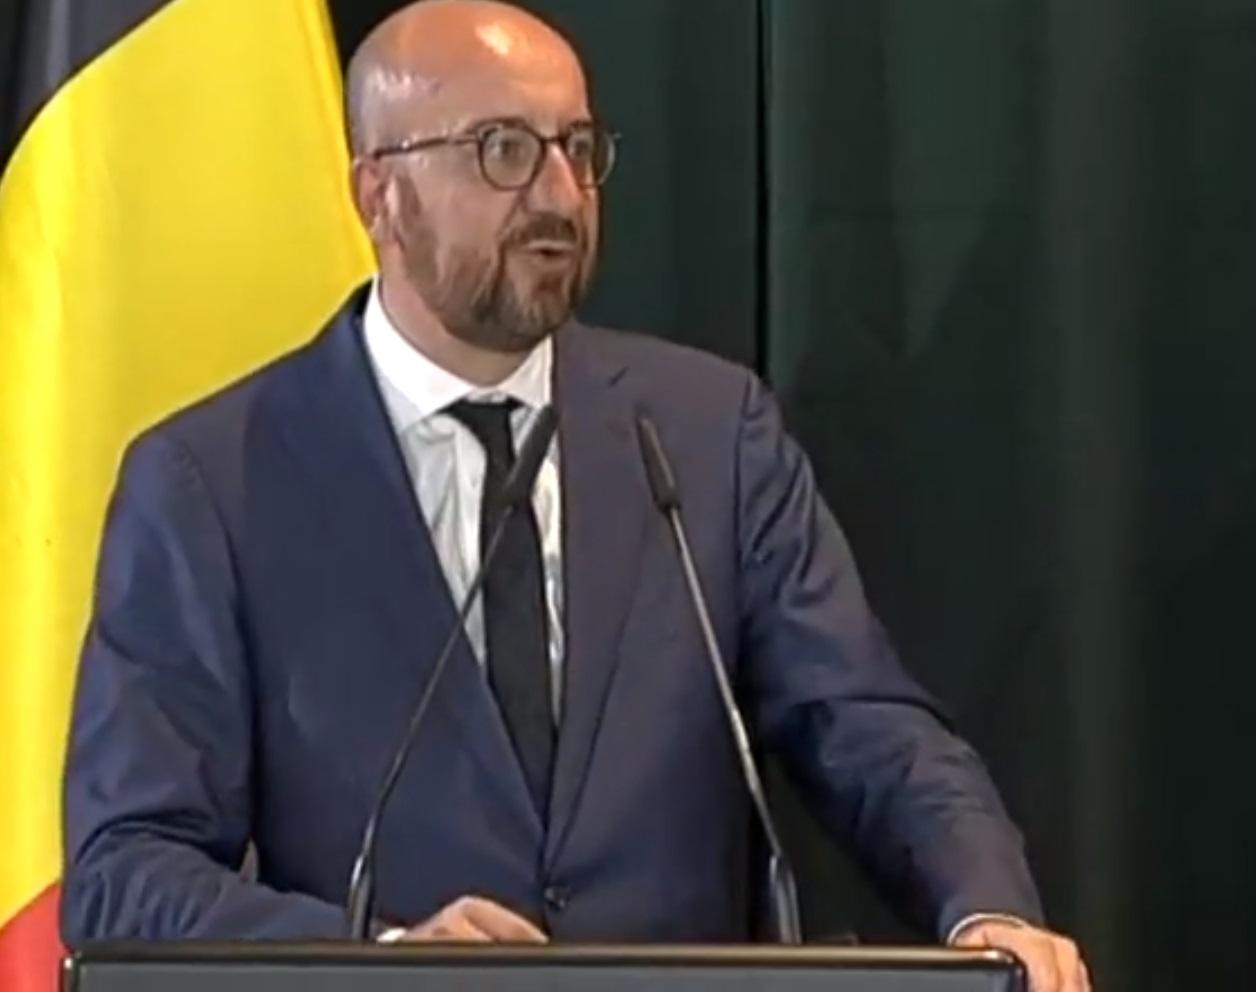 Kryeministri belg: Negociatat për anëtarësim, një pikë fillimi. Të vijohet me reformat